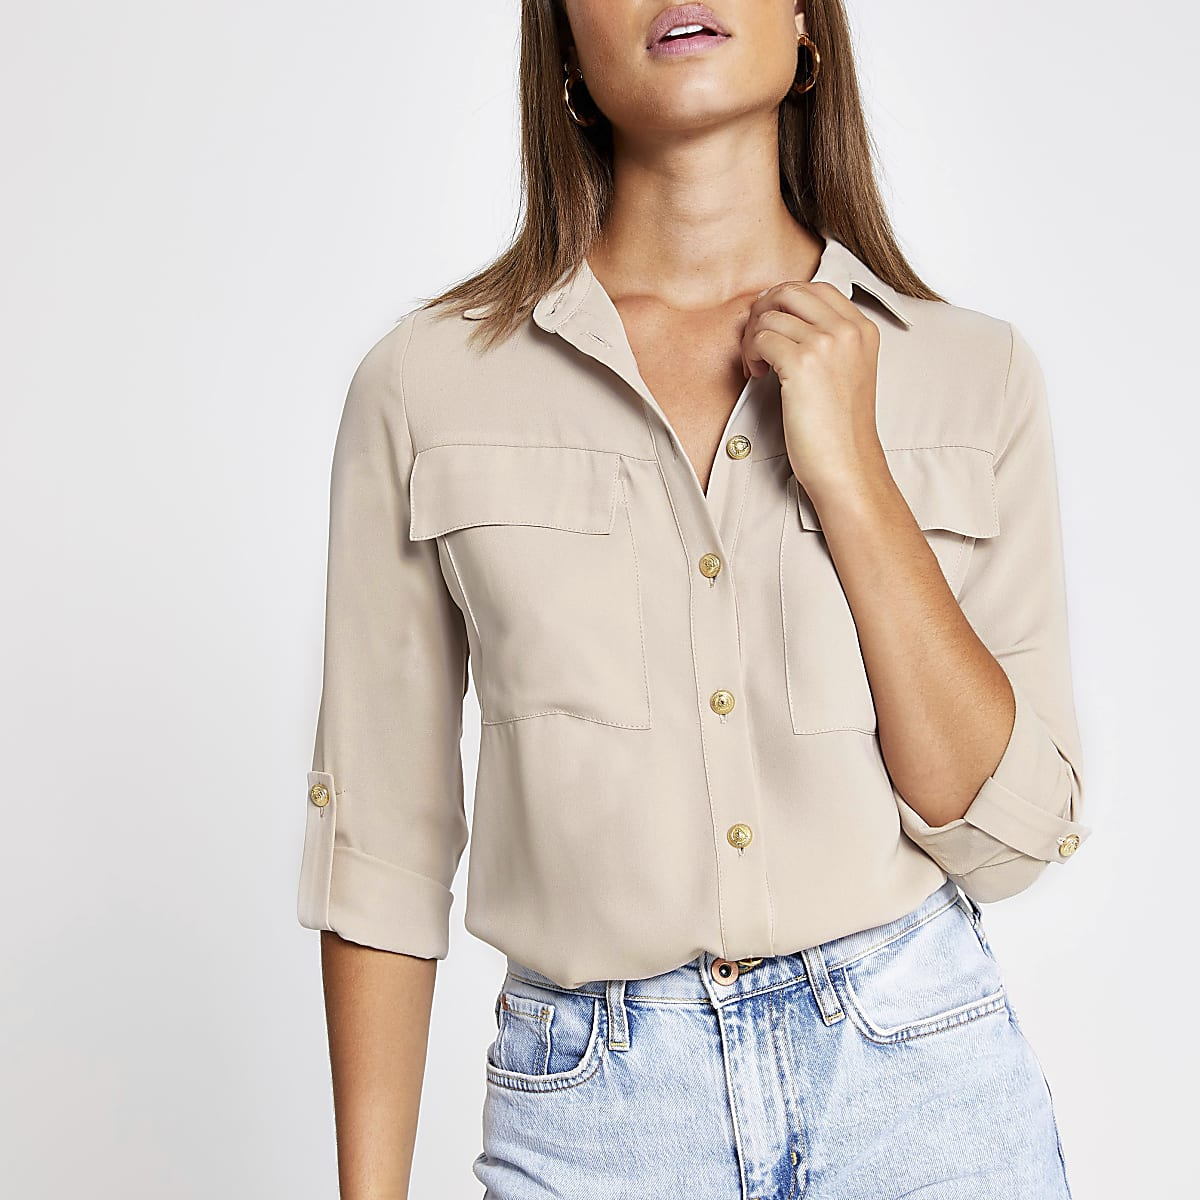 Crèmekleurig utility-overhemd met opgerolde mouwen